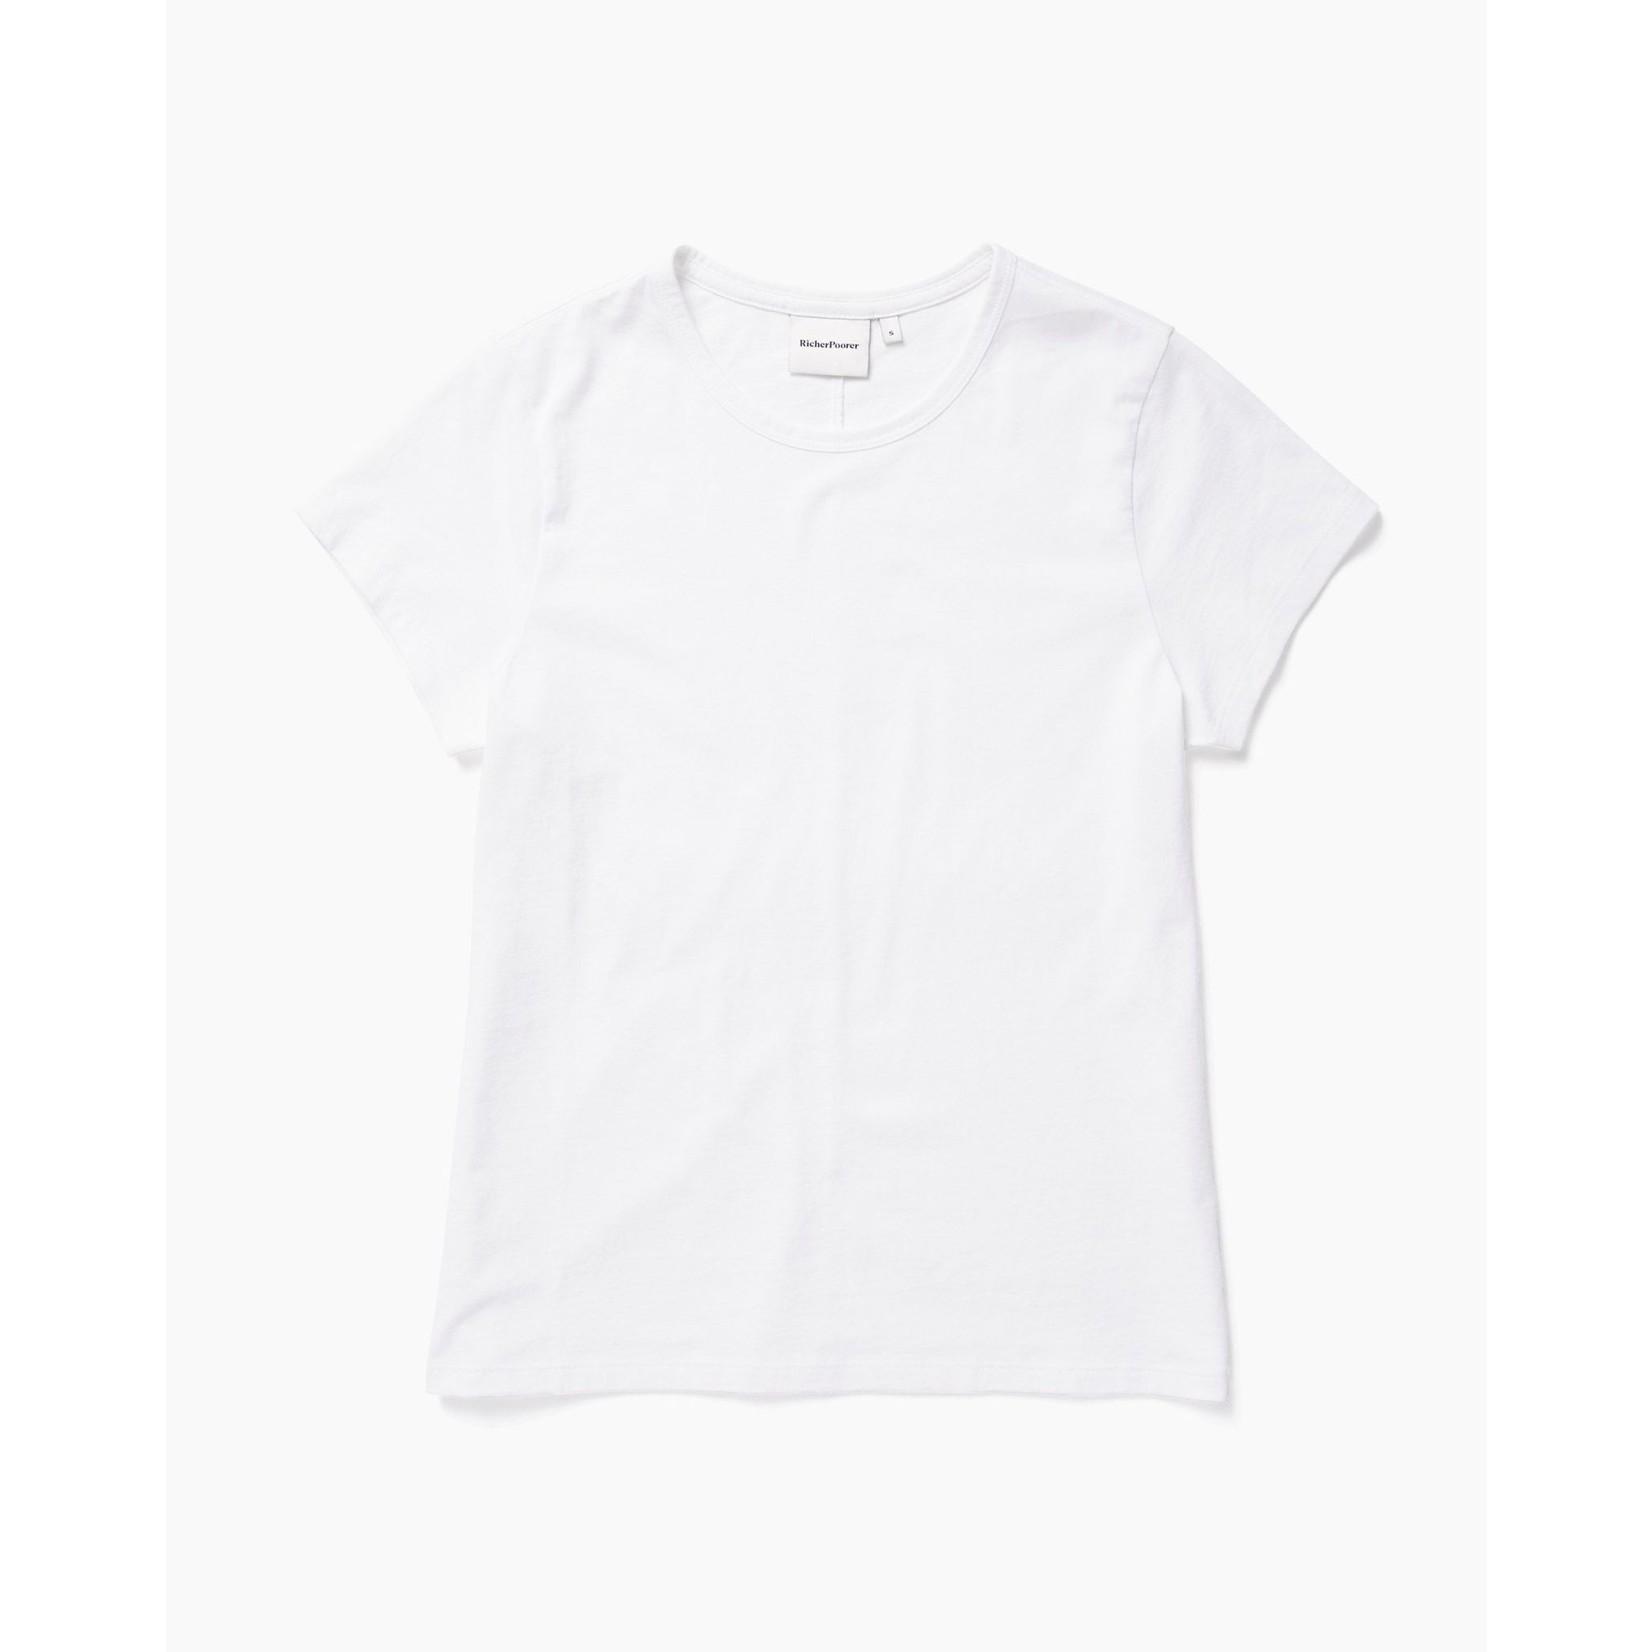 Richer Poorer Classique t-shirt - blanc